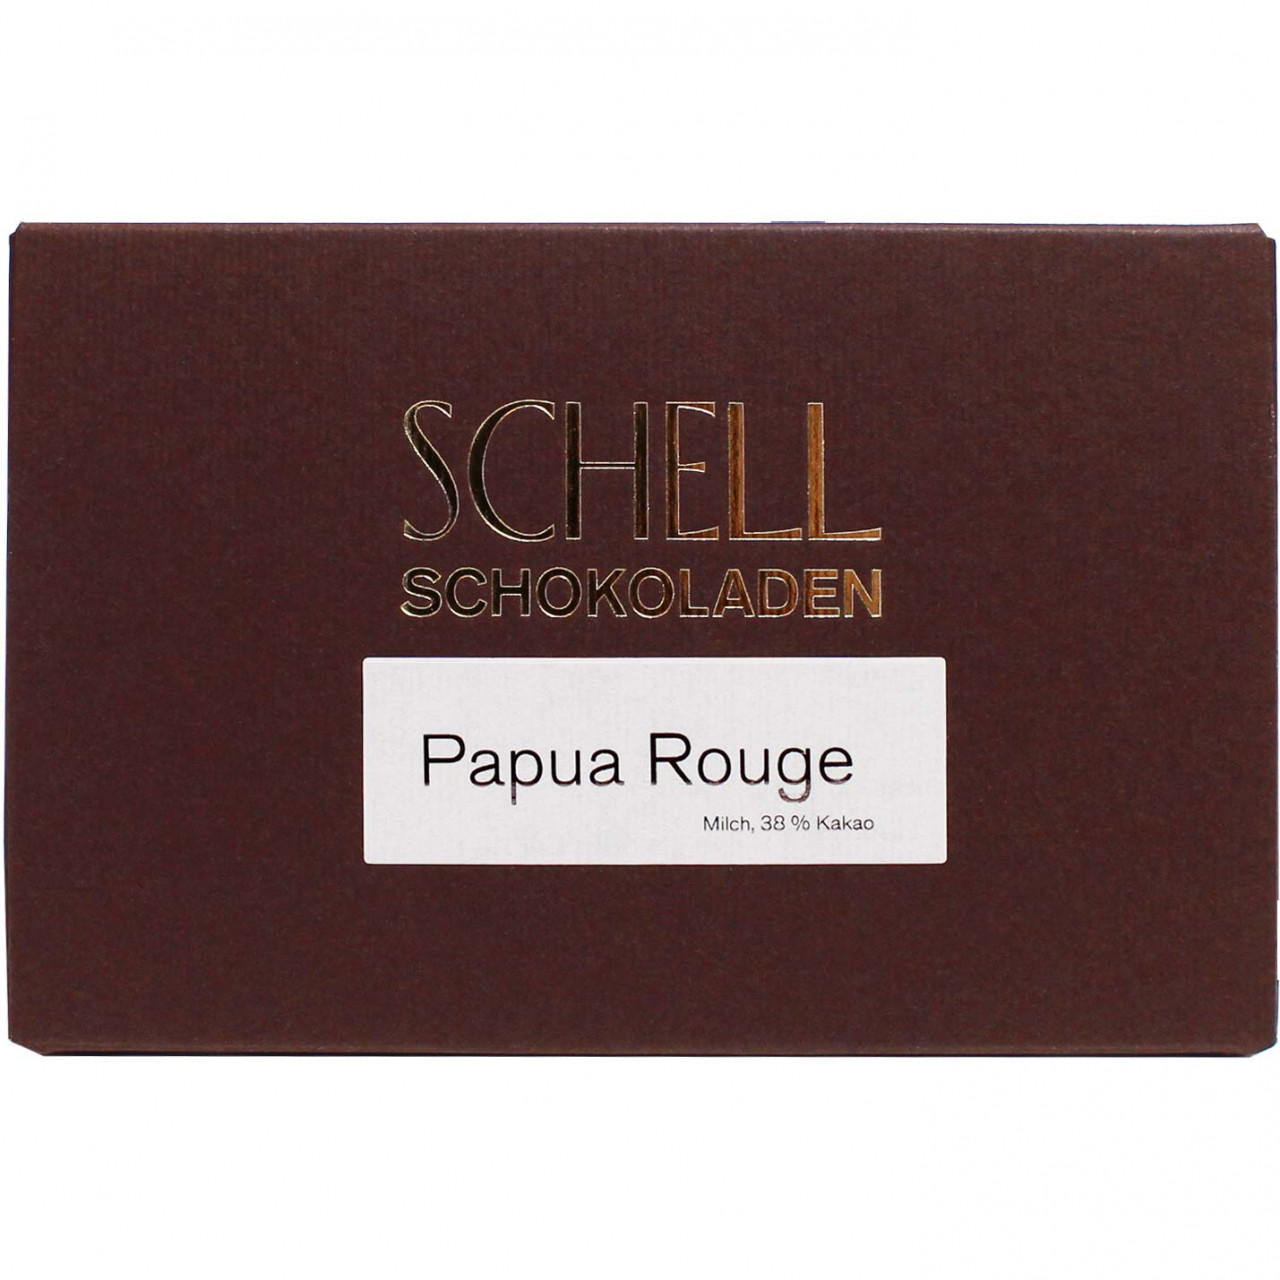 Schell, Schokoladenmanufaktur Gundelsheim, Schokolade zu Wein, milk chocolate, Barrique Schokolade,